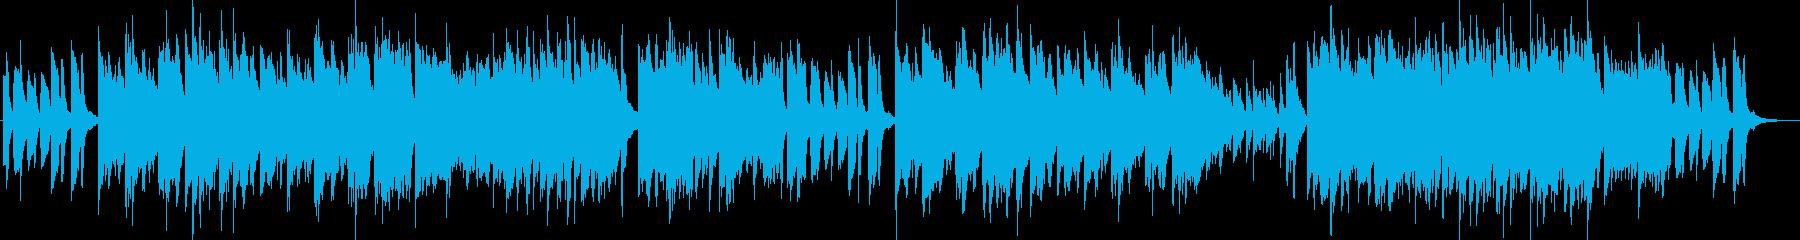 不思議で攻撃的な曲調のピアノソロの再生済みの波形